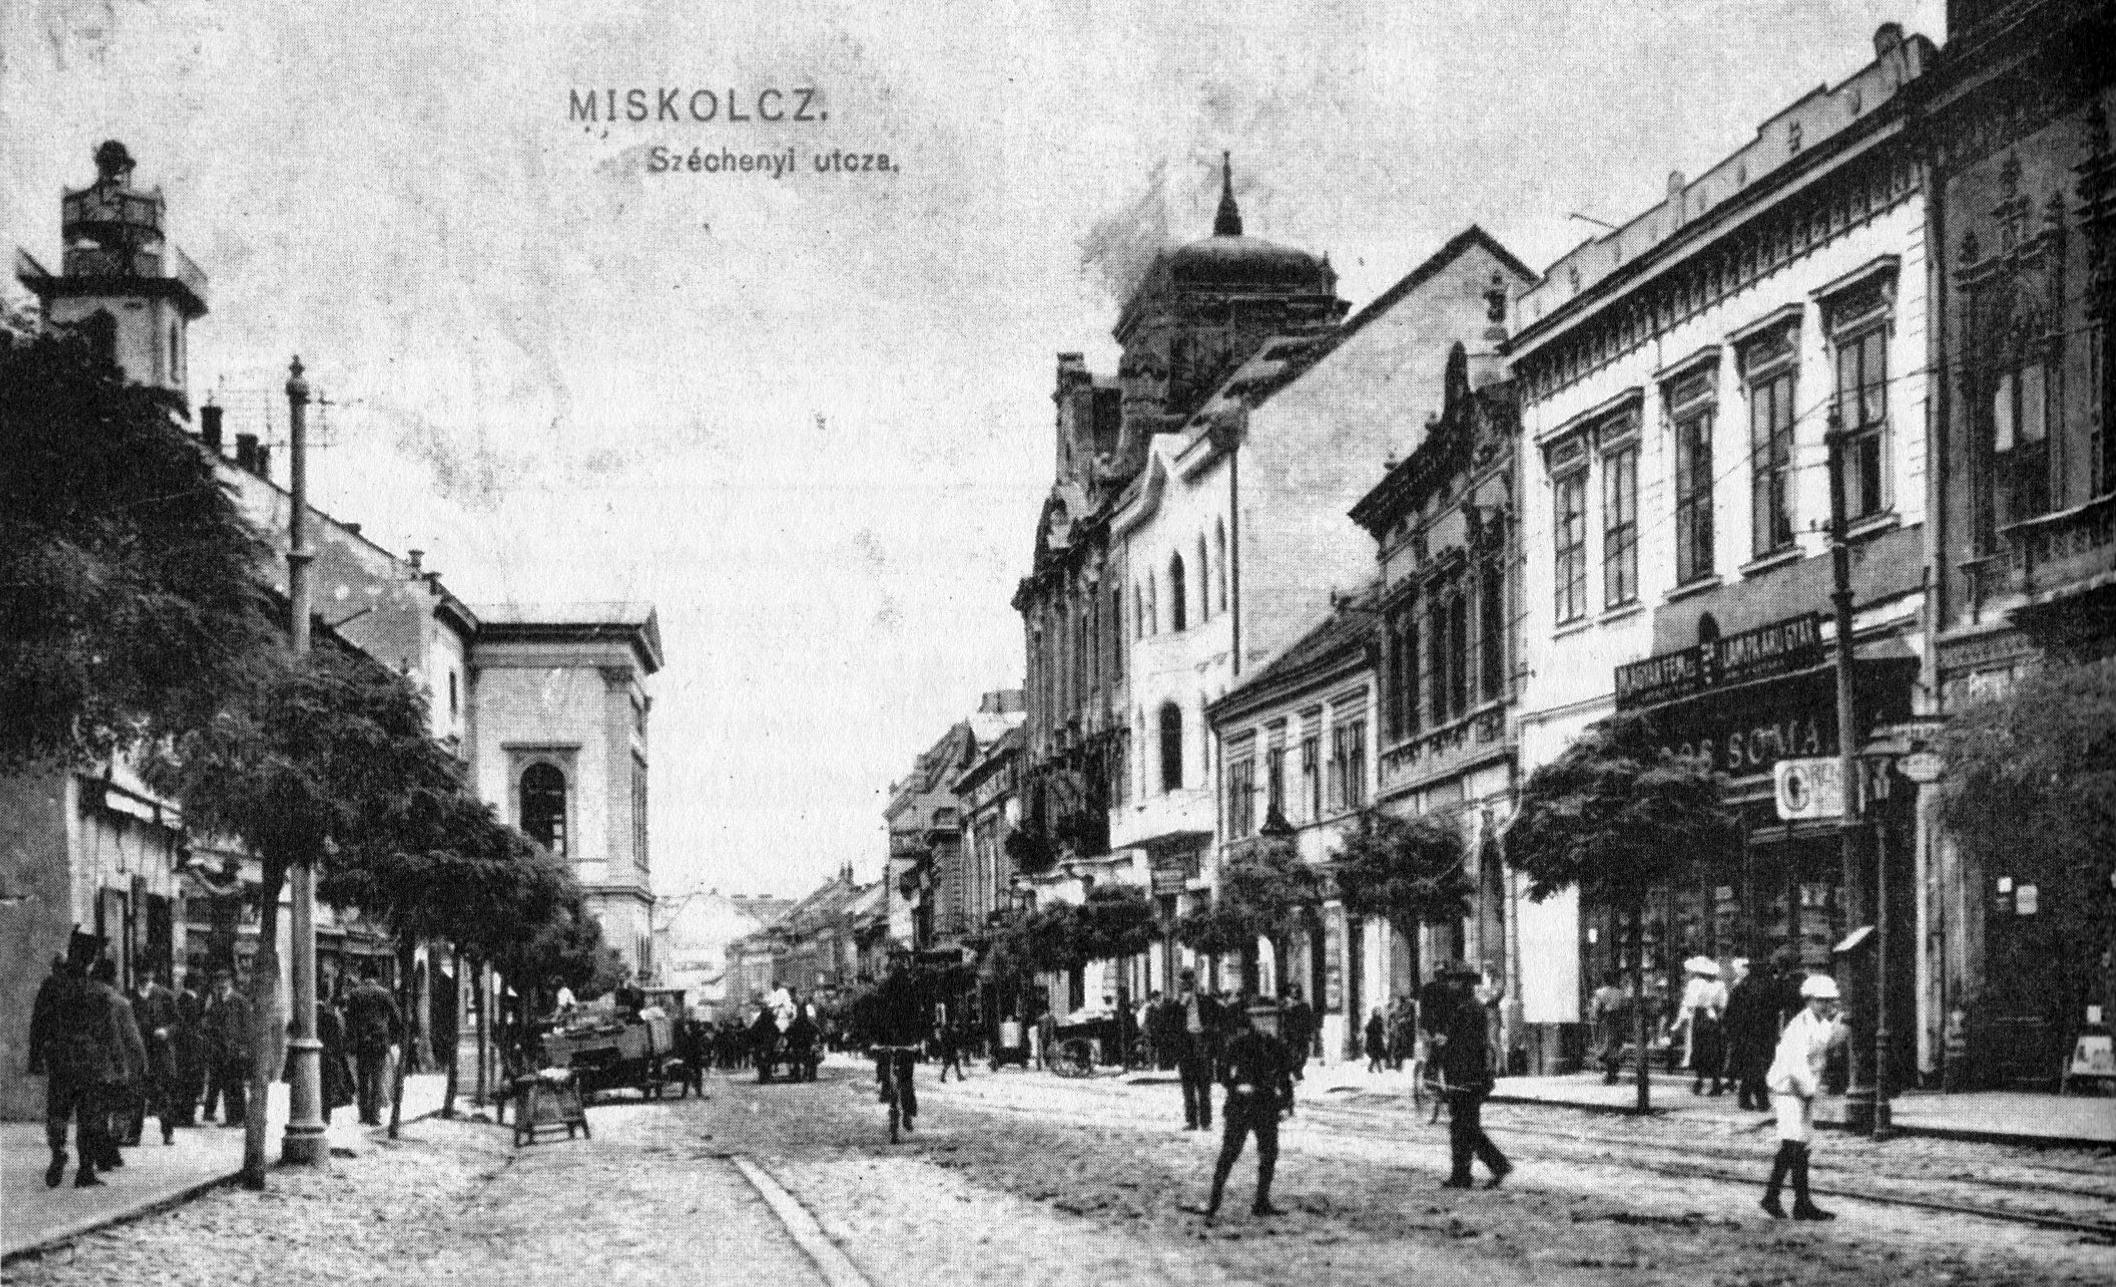 16-22_szechenyi_street_miskolc_1899.jpg